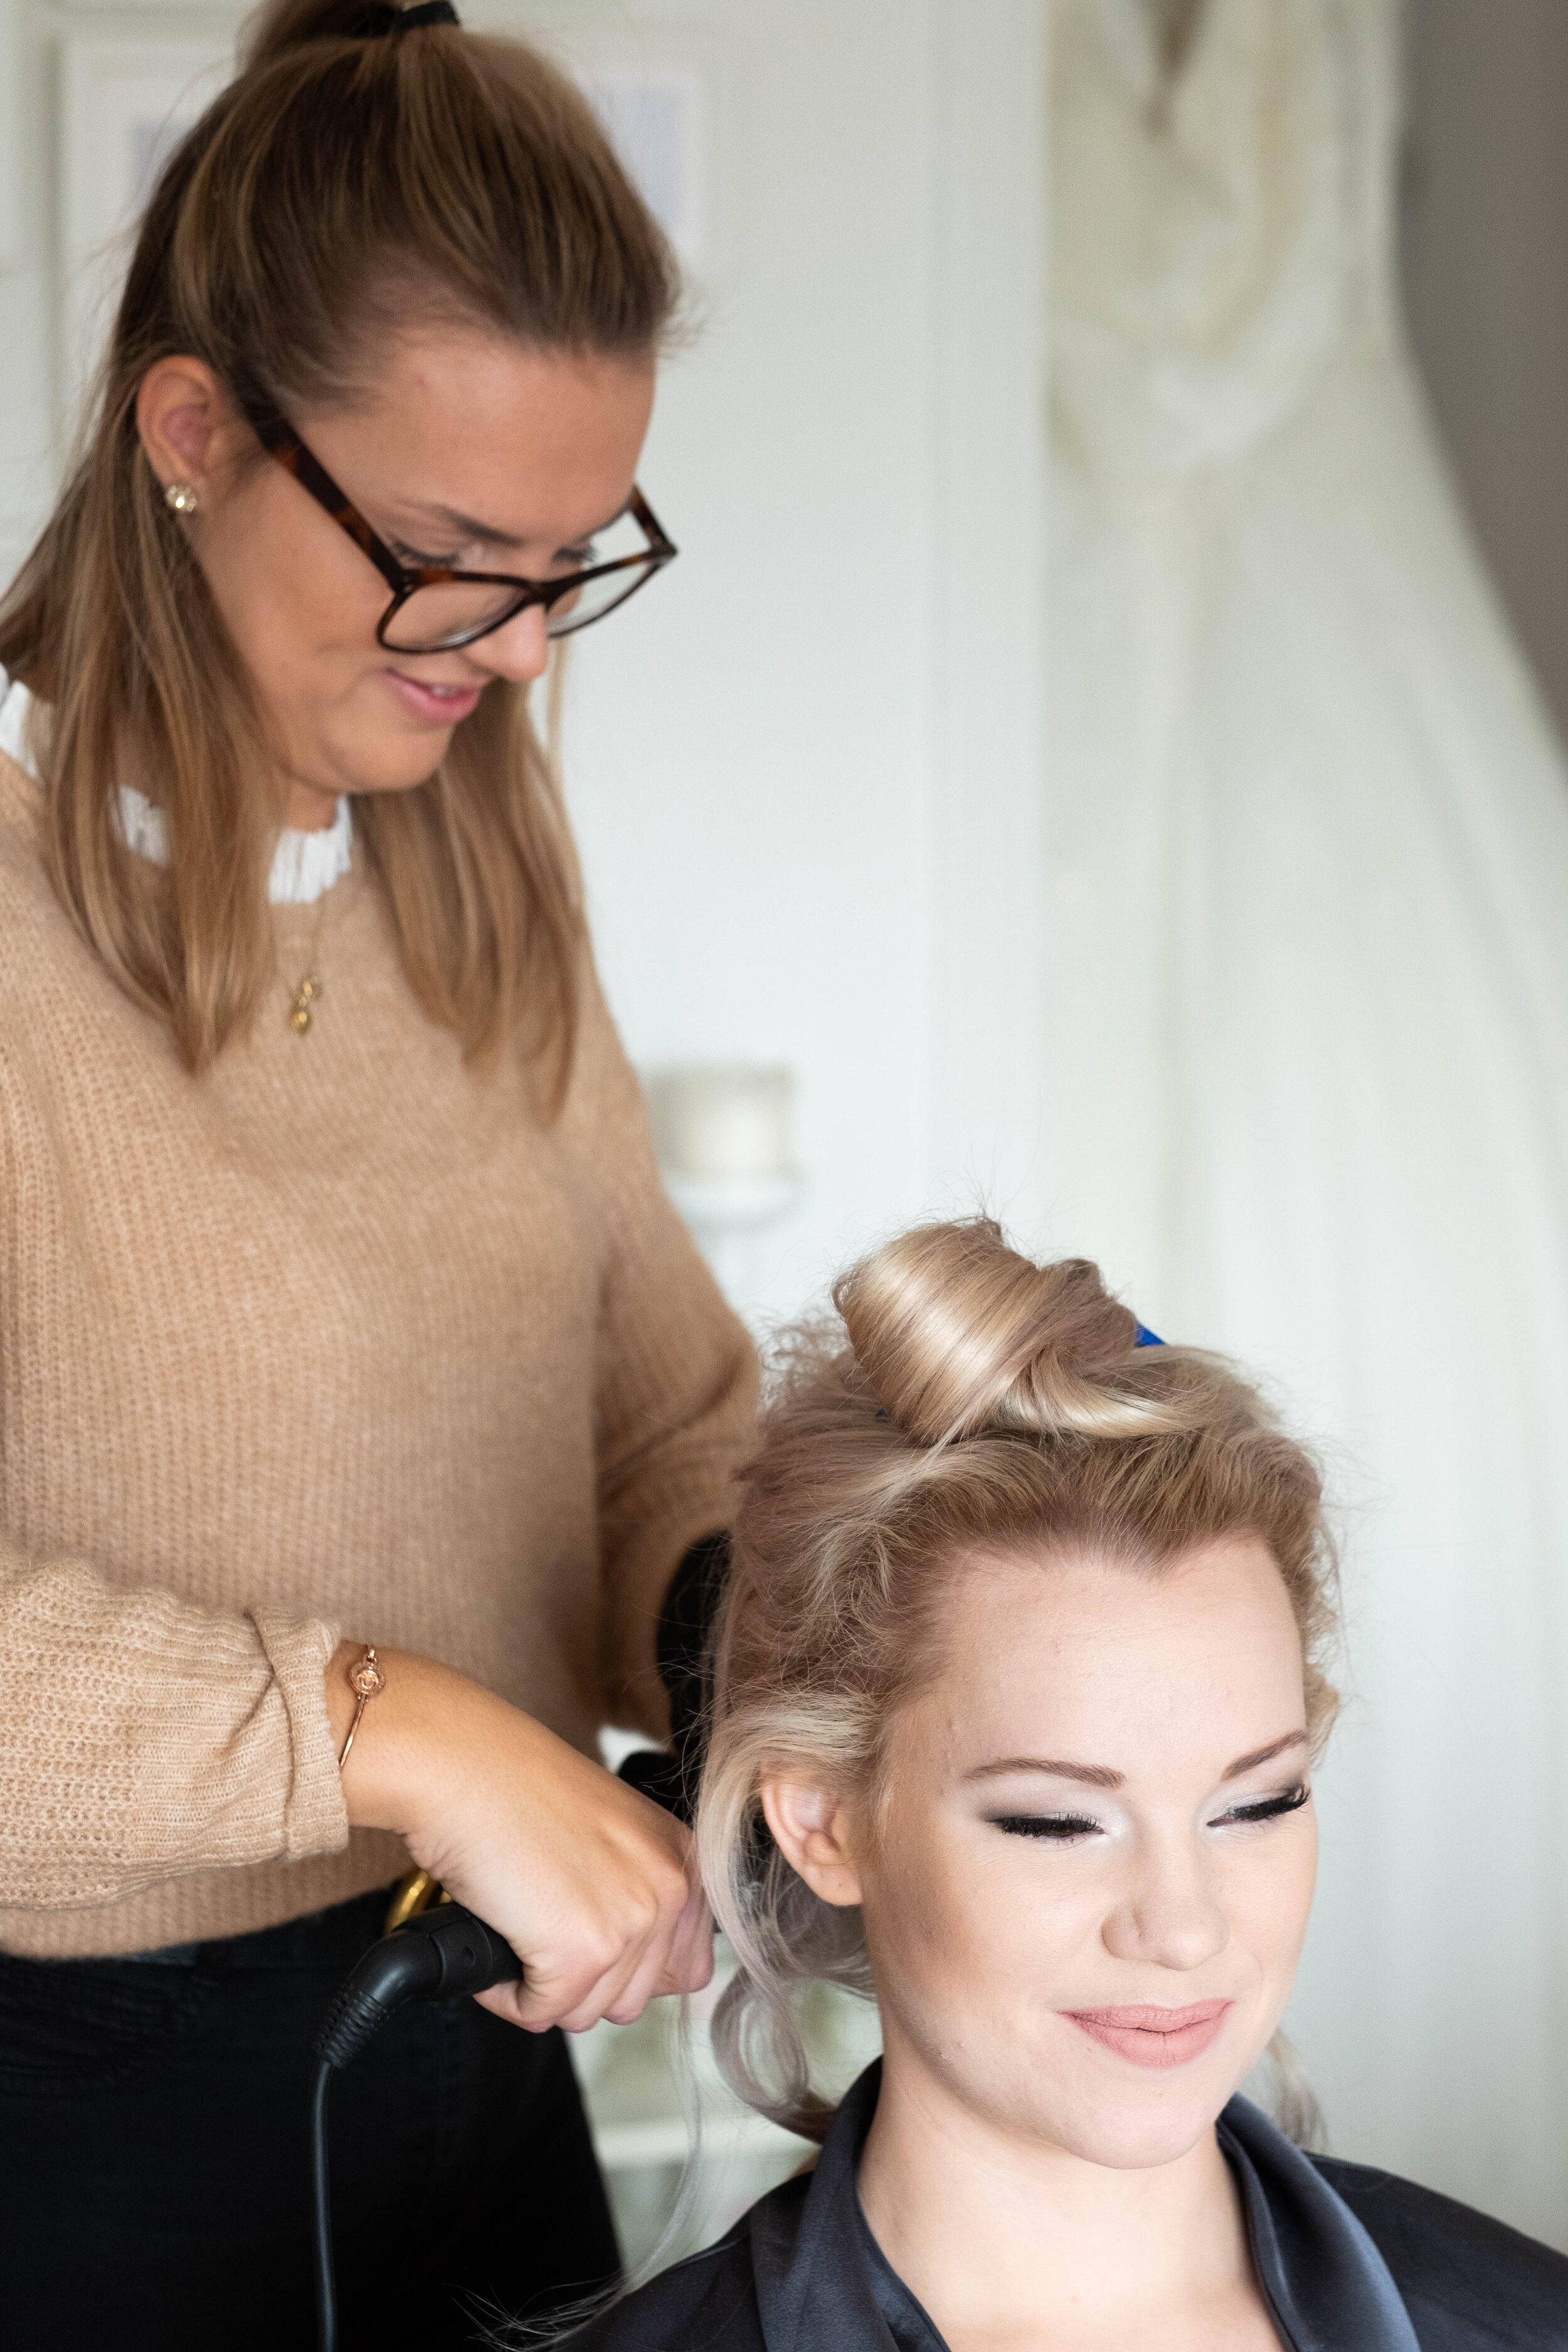 Här pågår hårstyling av brud, frisören Rebecca Johansson fixar lockar i eget hår och löshår till ett högst värdigt hårsvall för dagen